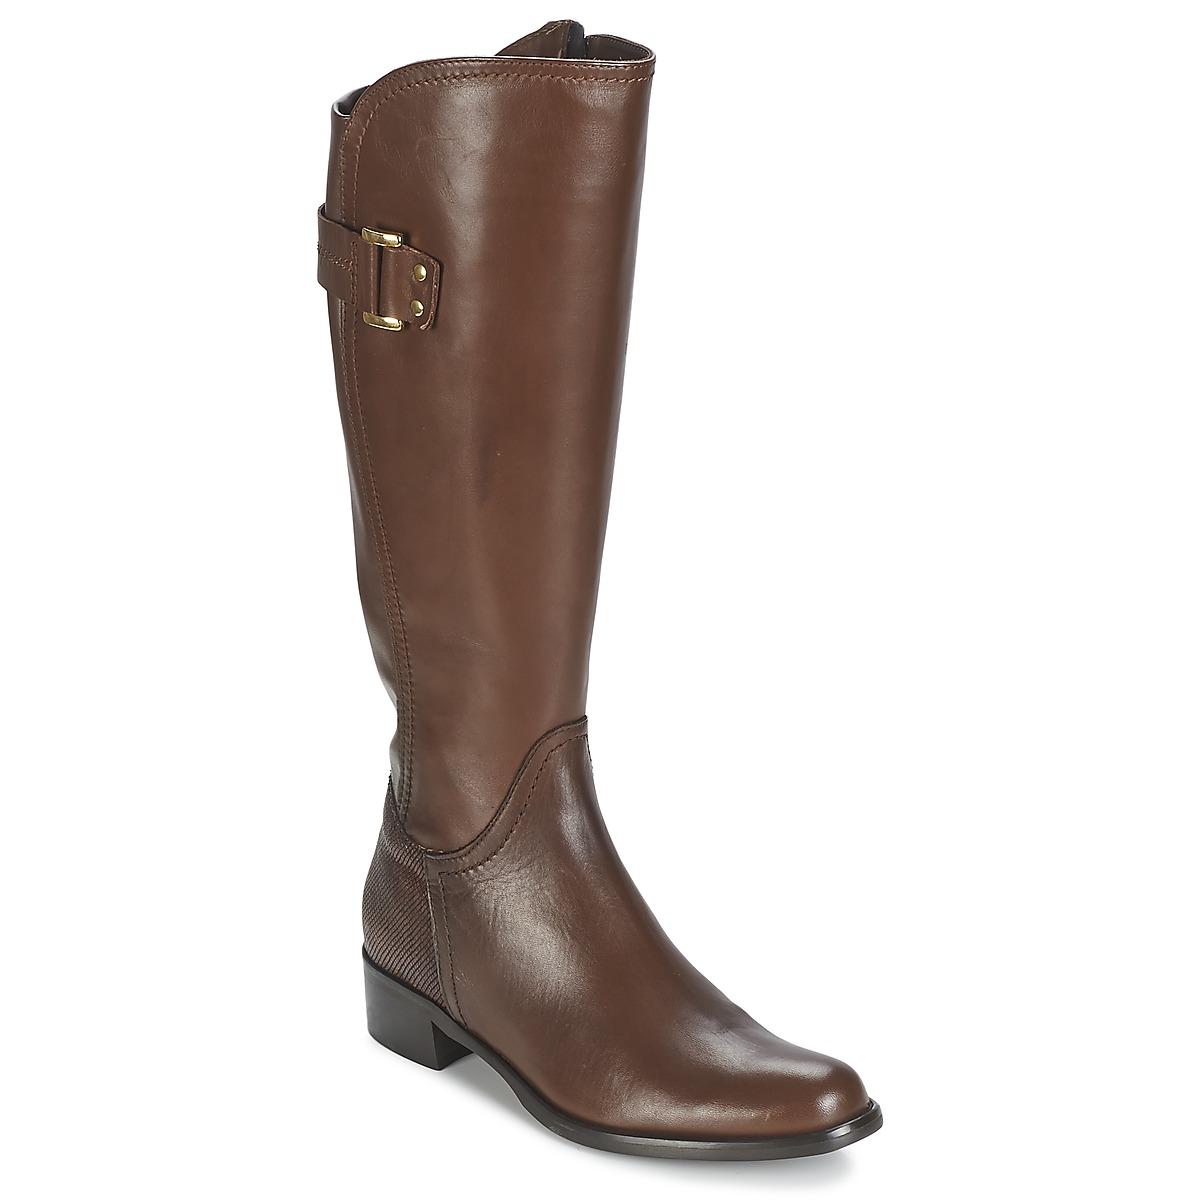 Moda In Pelle SANTOSA Braun - Kostenloser Versand bei Spartoode ! - Schuhe Klassische Stiefel Damen 163,20 €